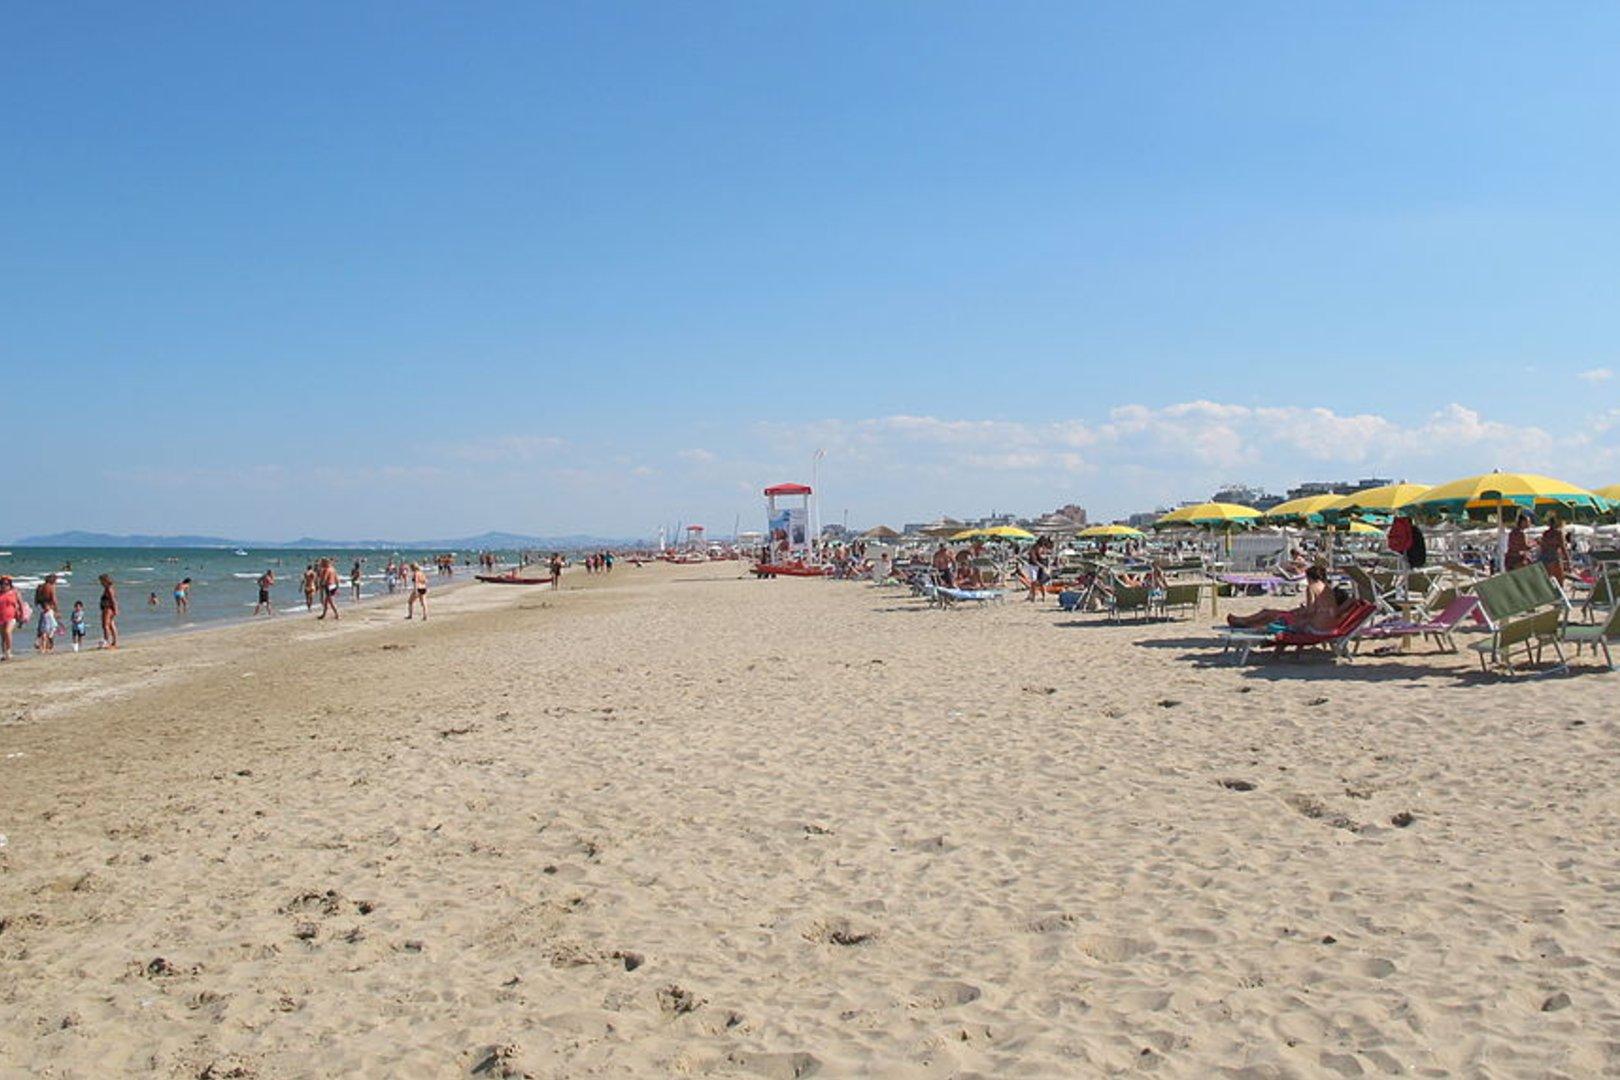 Włochy - Rimini wprowadza przepisy na plażach